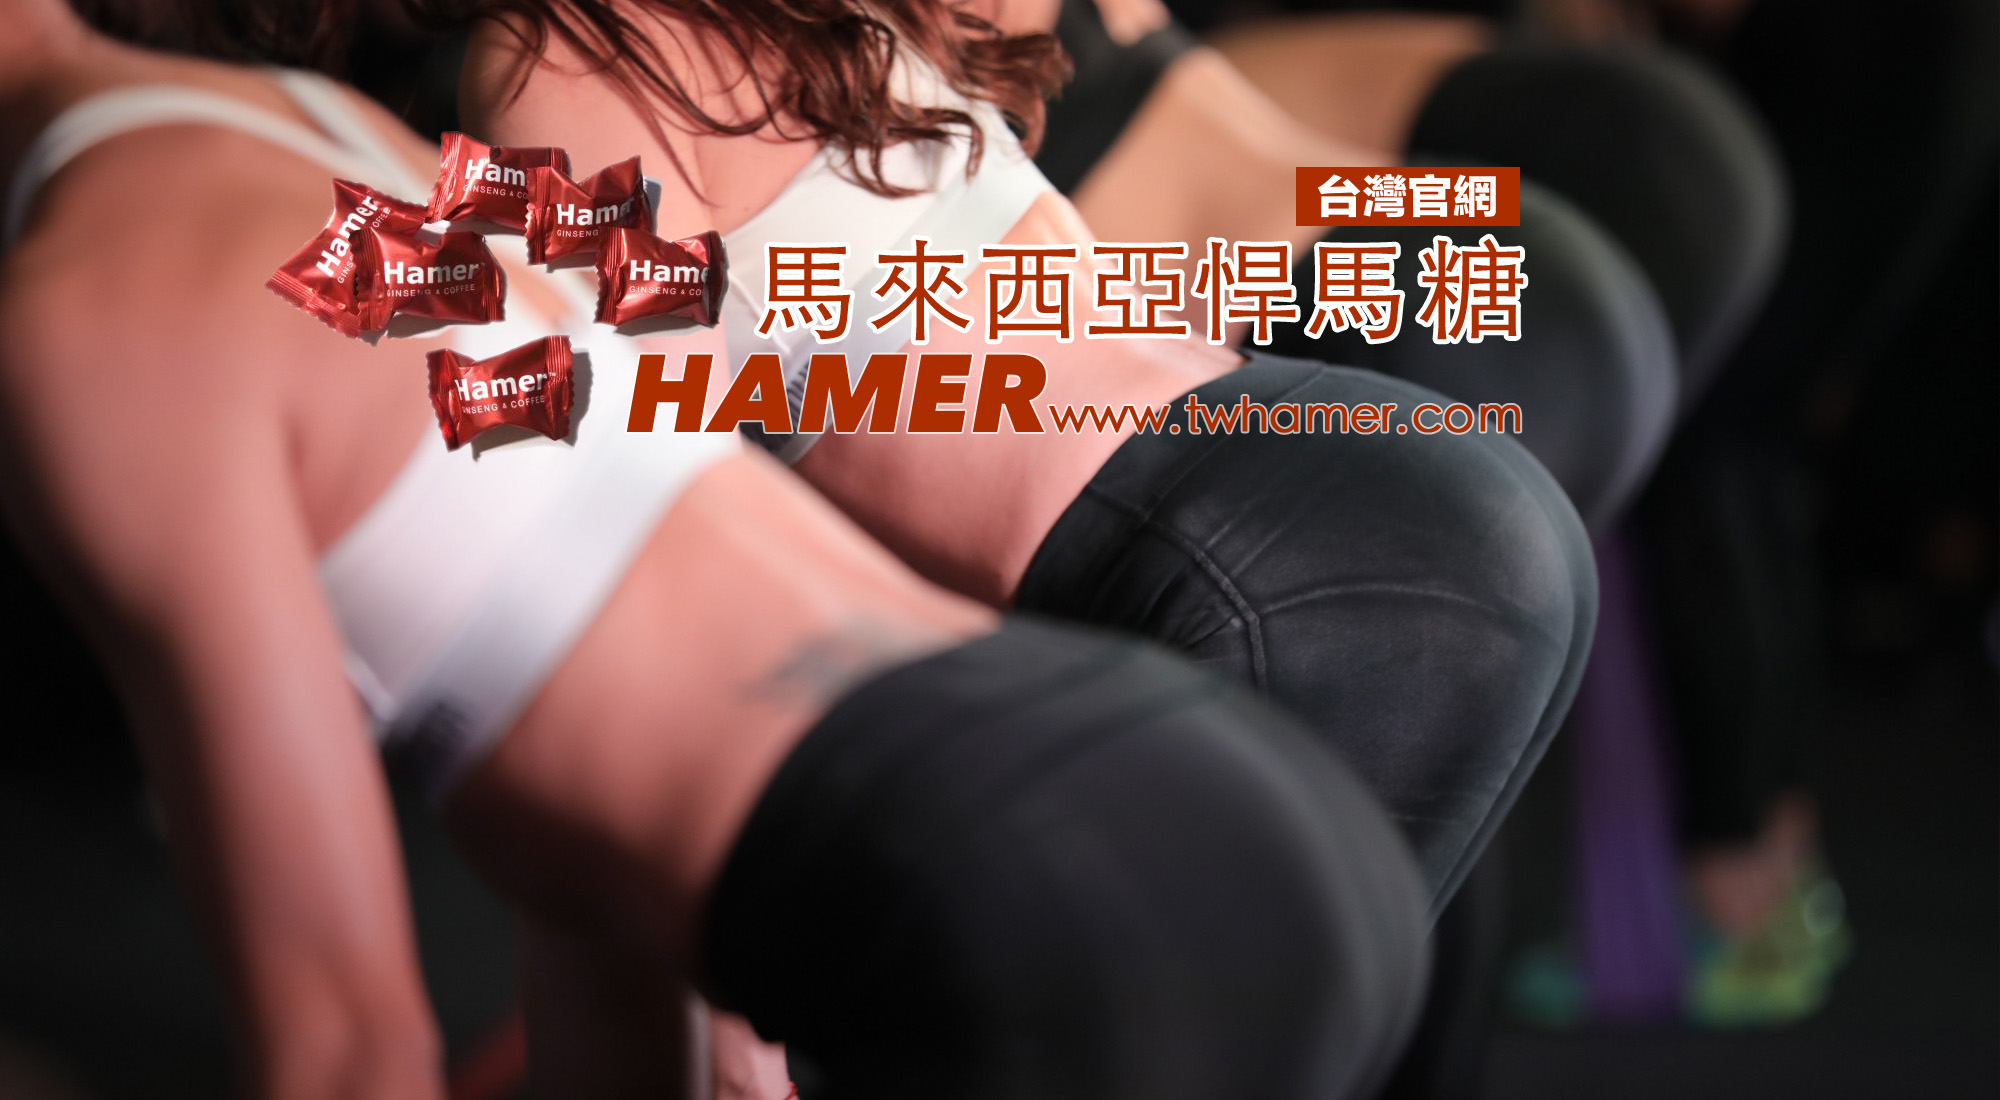 (買前必看)hamer candy官網承諾,我們保證每一顆原裝正品!